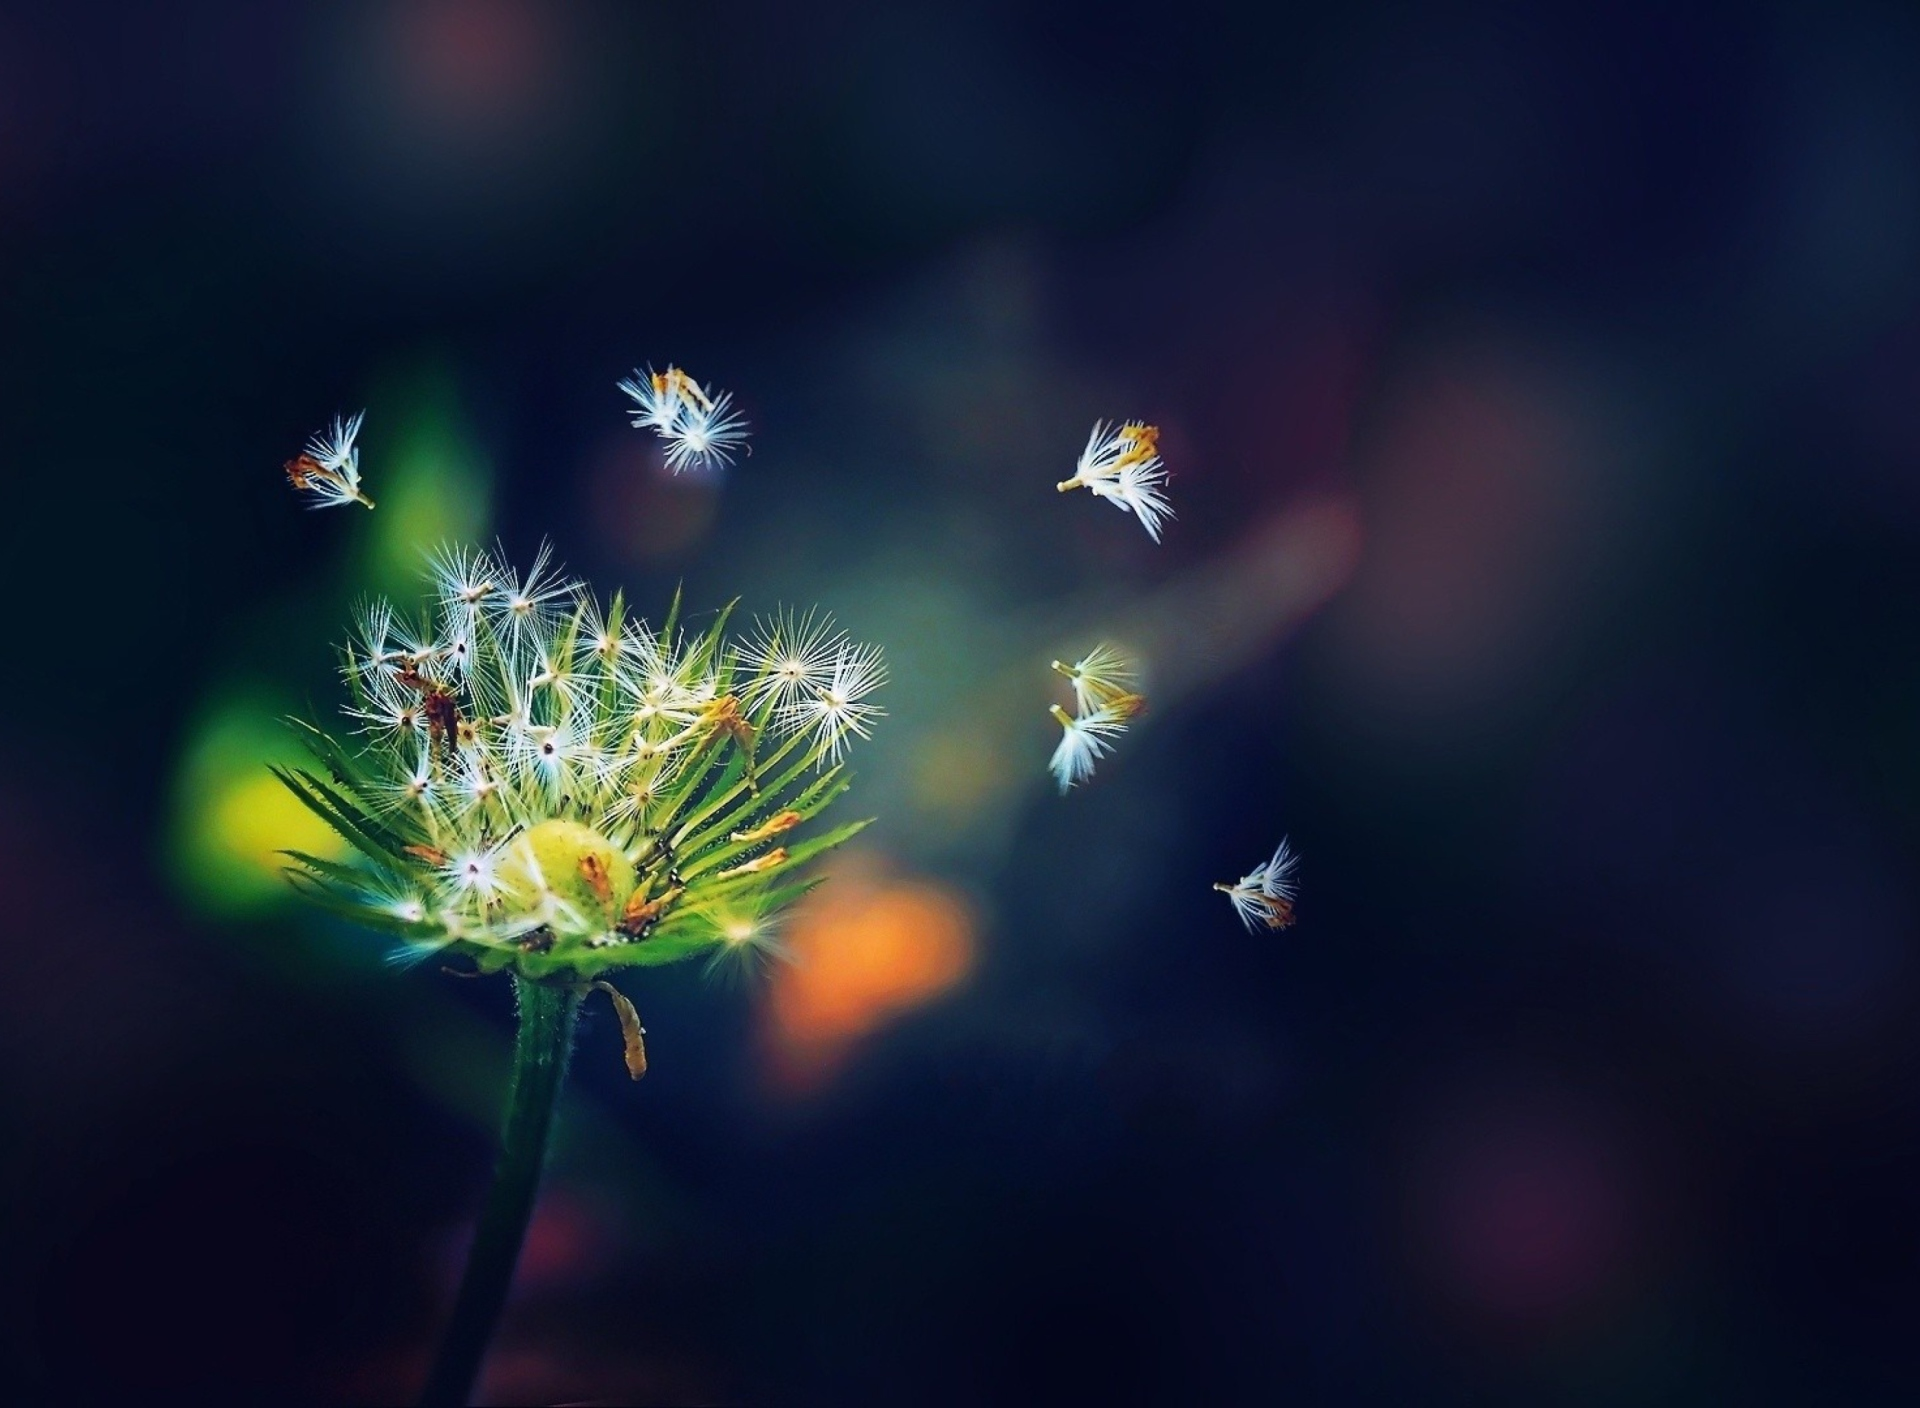 природа макро роса одуванчик цветы бесплатно